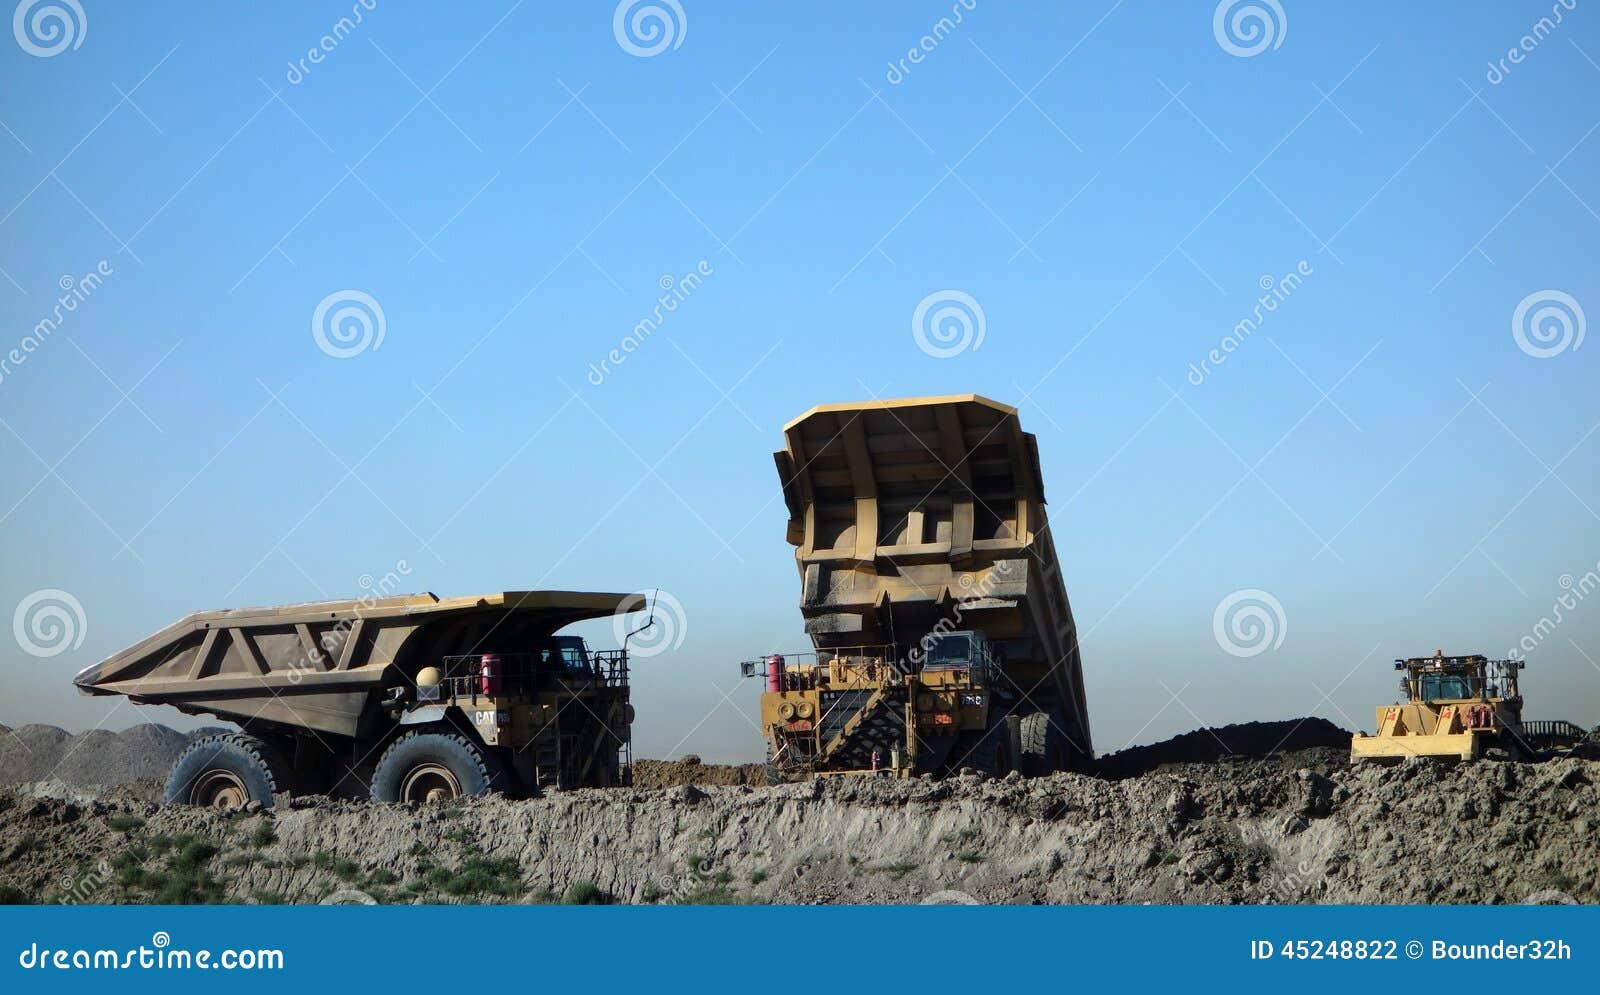 Trucks at a coal mine in south dakota